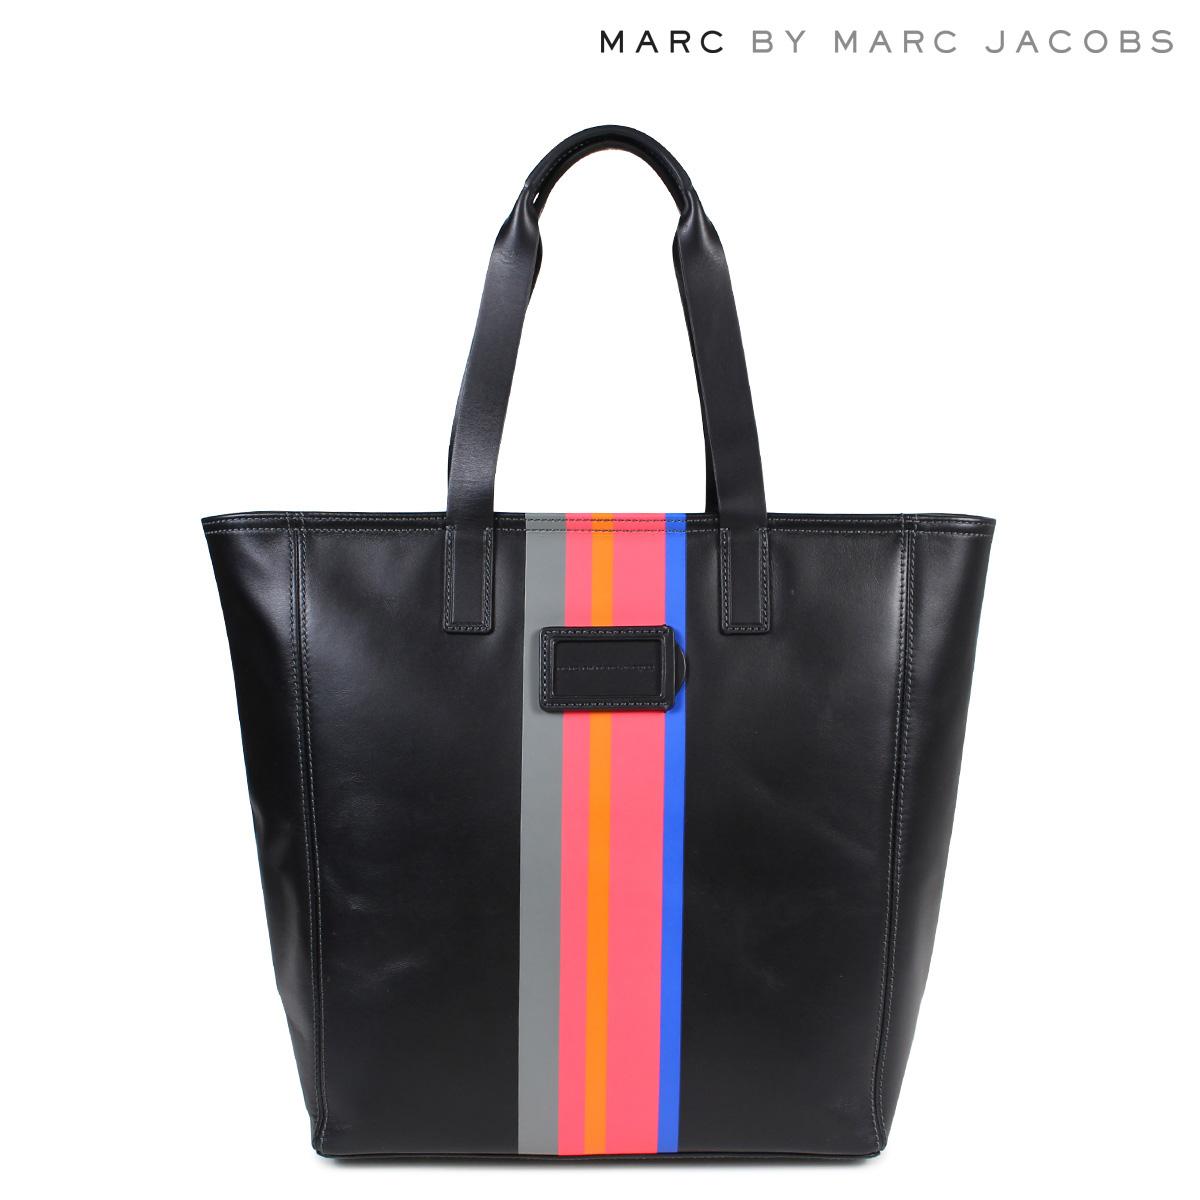 マークバイマークジェイコブス MARC BY MARC JACOBS トートバッグ バッグ レディース M0005704 LEATHER TOTE ブラック